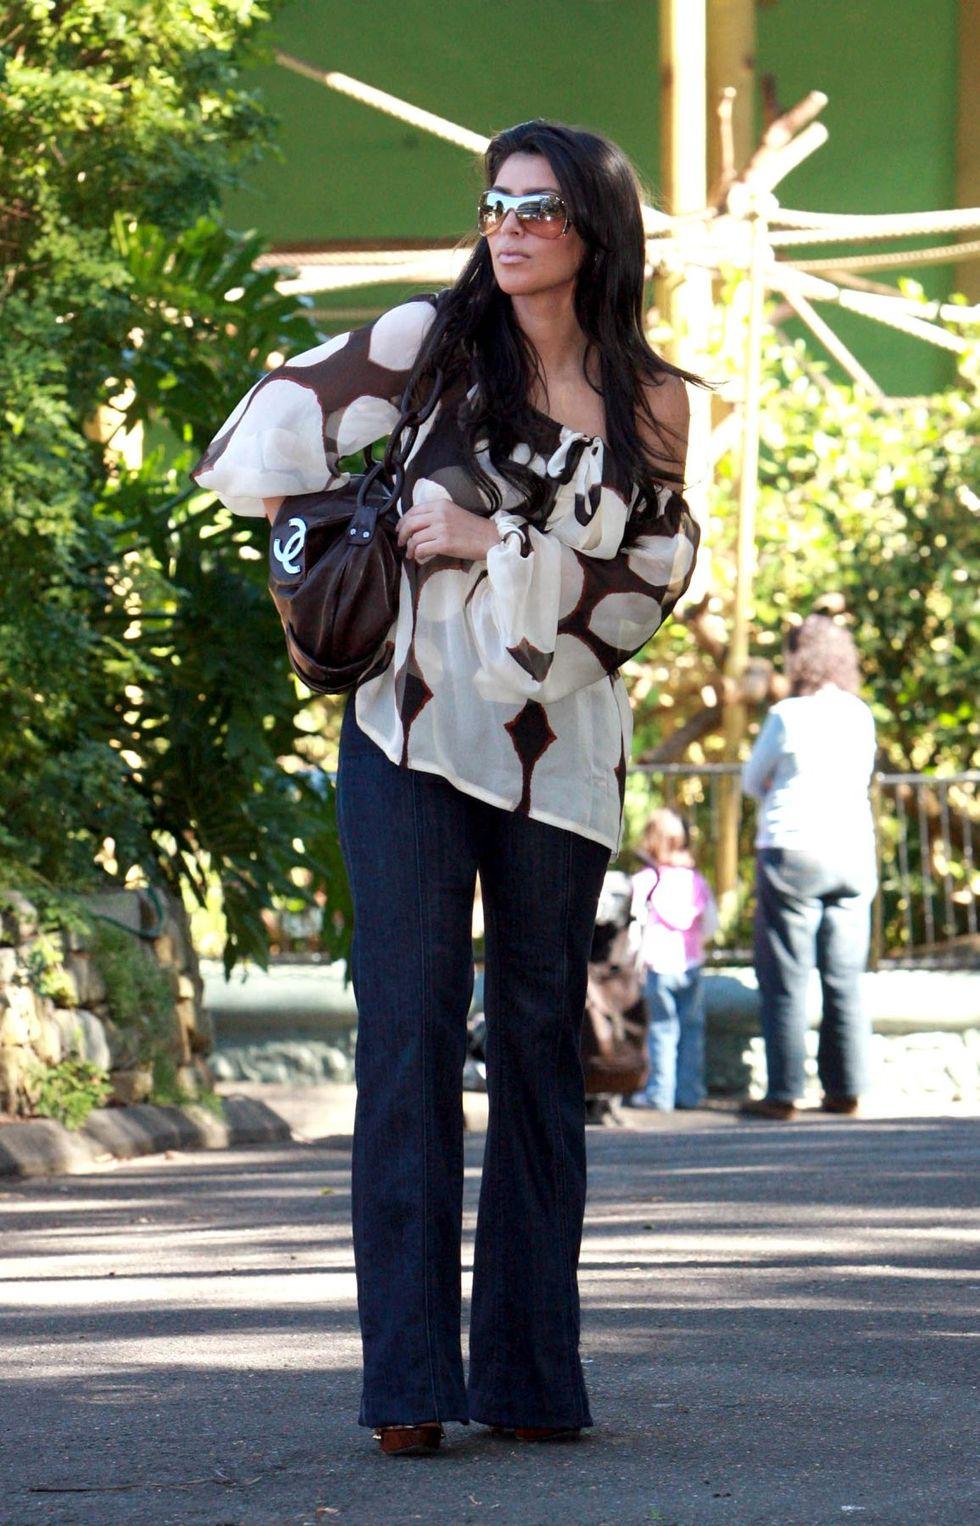 kim-kardashian-at-taronga-zoo-in-sydney-05